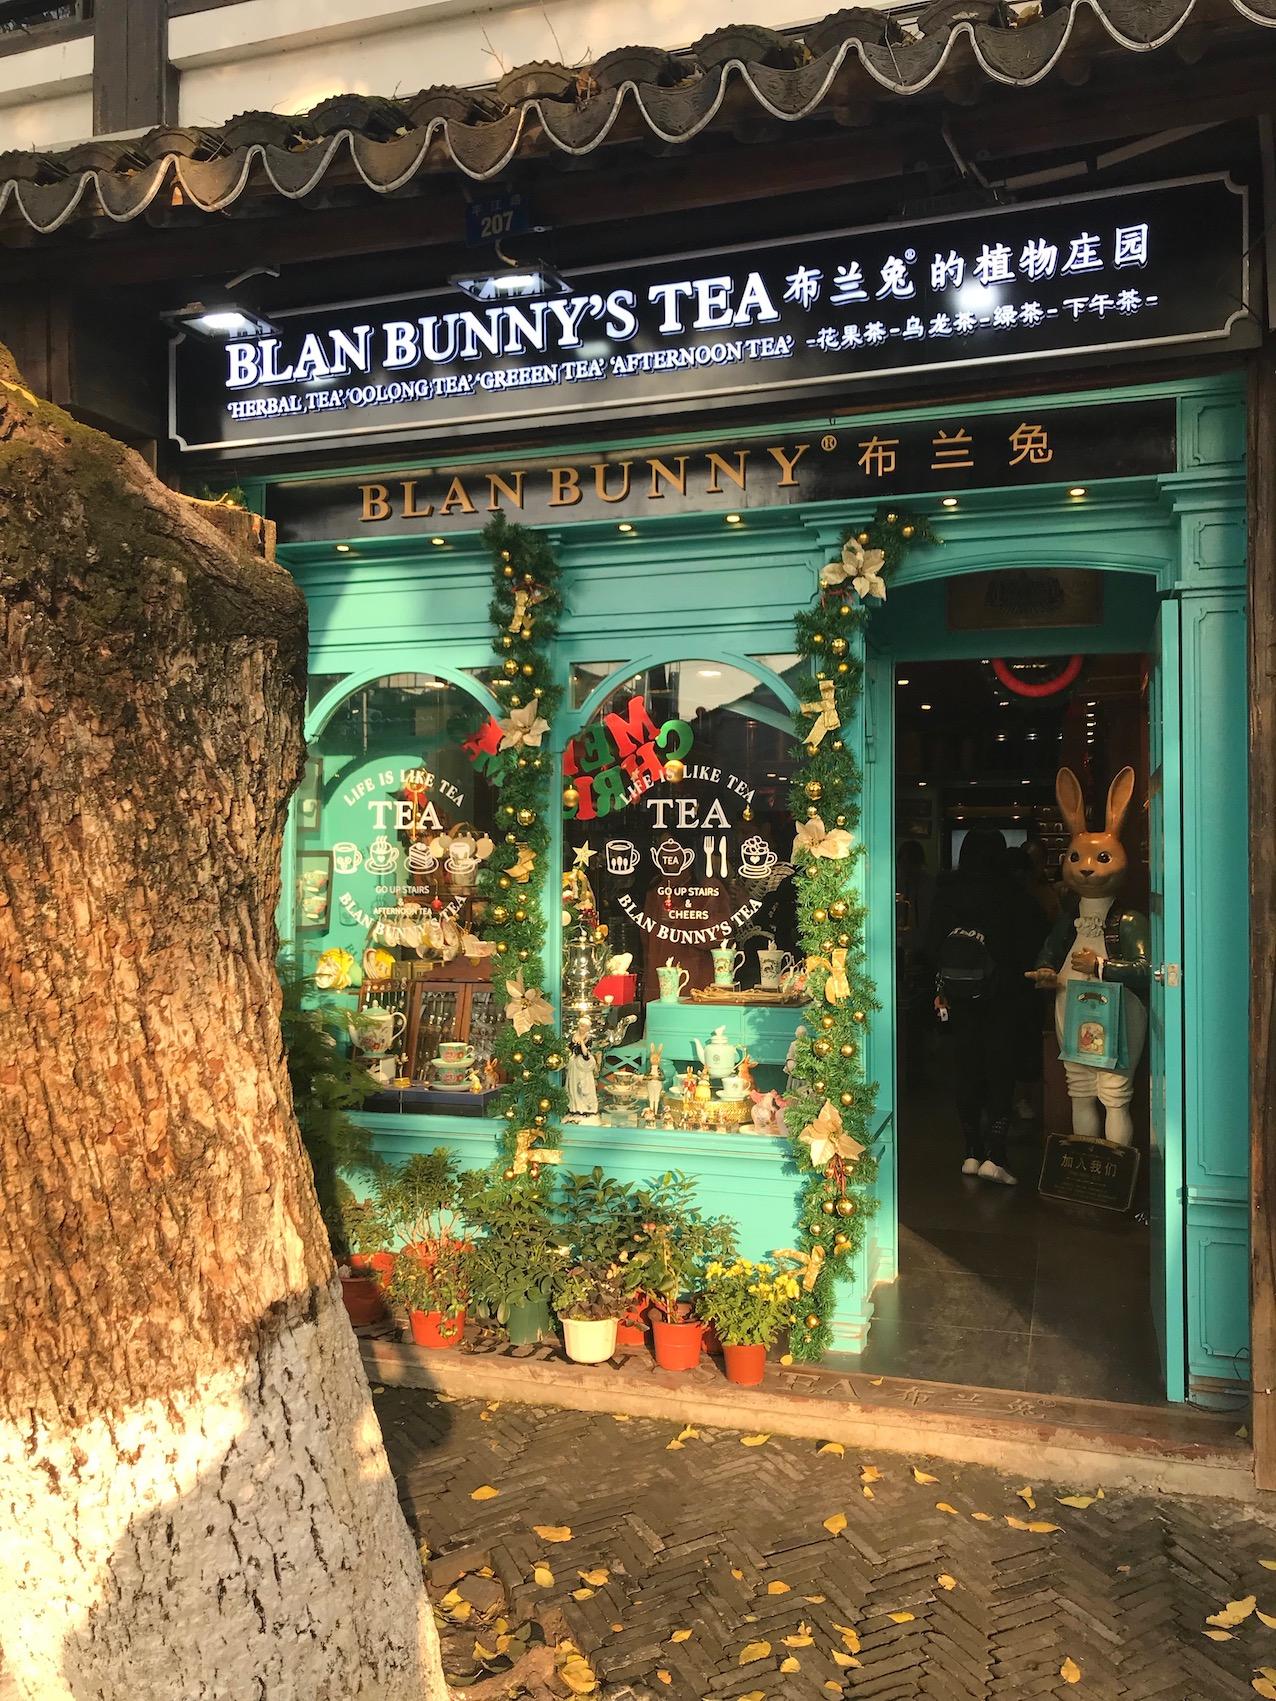 Blan Bunny's Tea Pingjiang Road Suzhou China